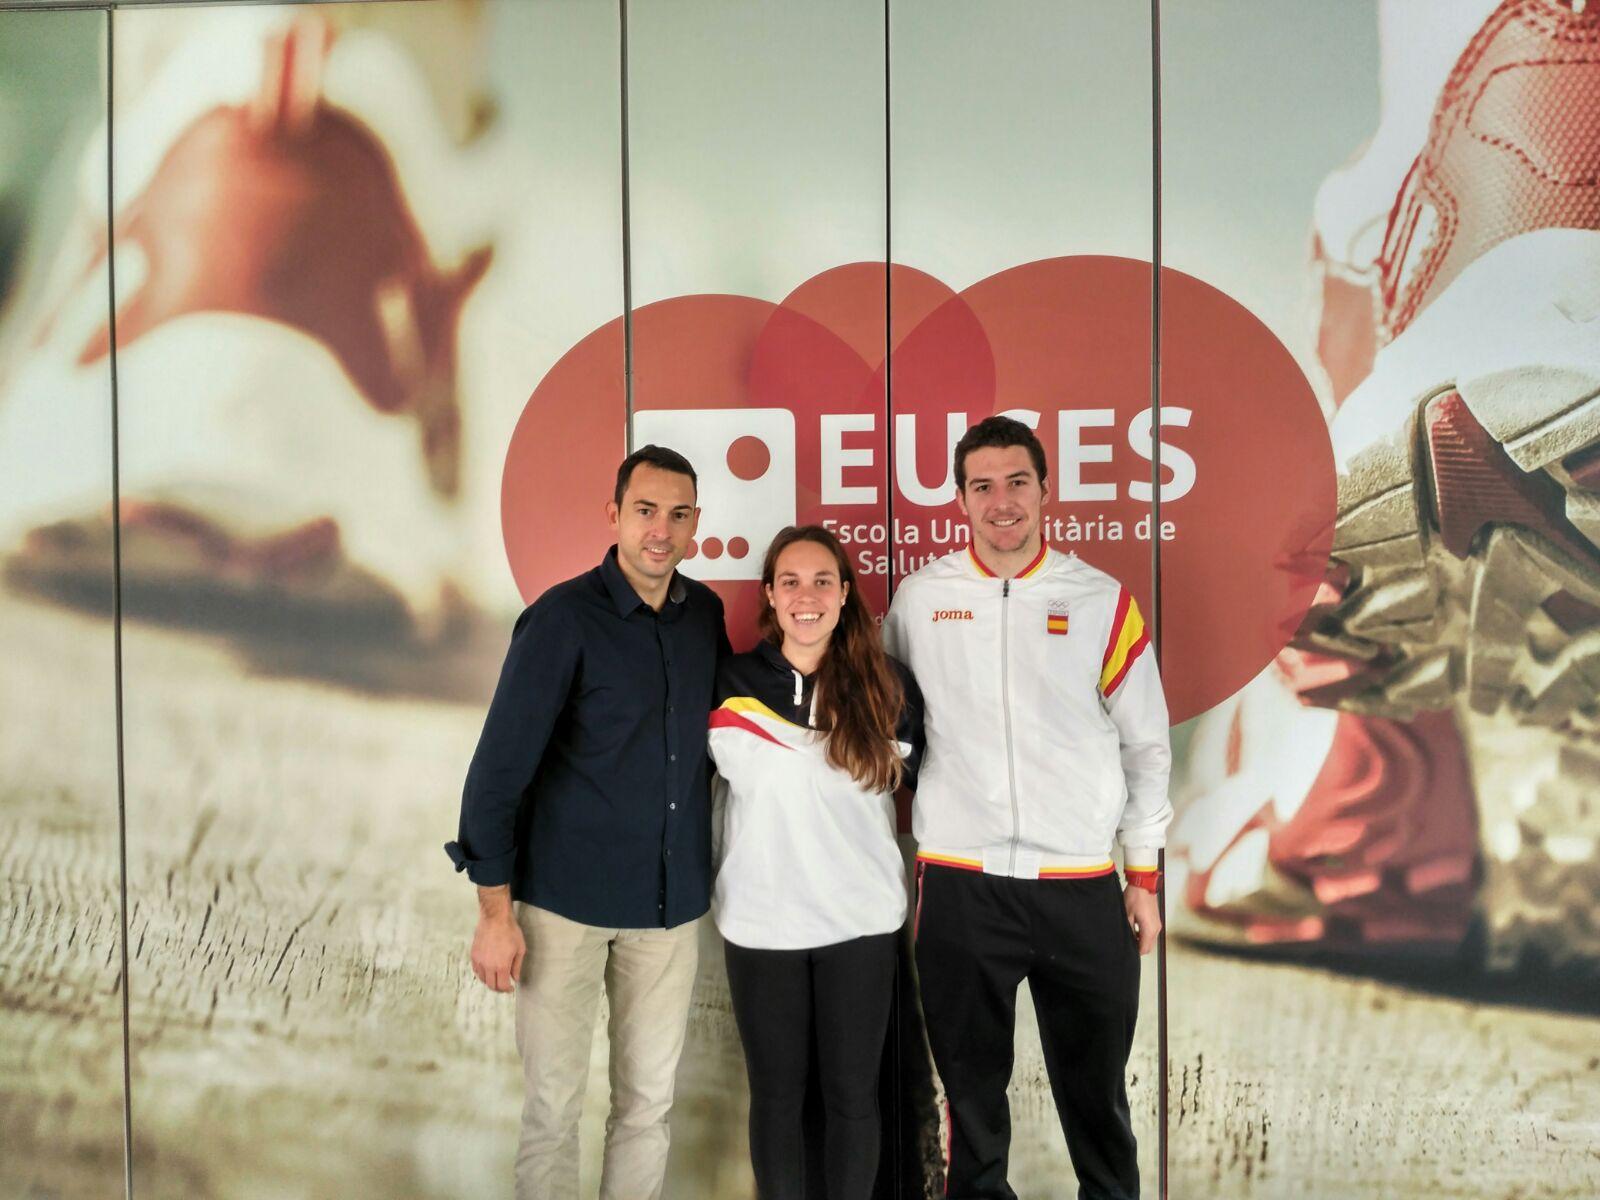 L'alumna de 1r curs de CAFE d'EUSES Iris Castell, campiona de llarga distància i sisena en ergòmetre en els estatals de rem celebrats a Galícia